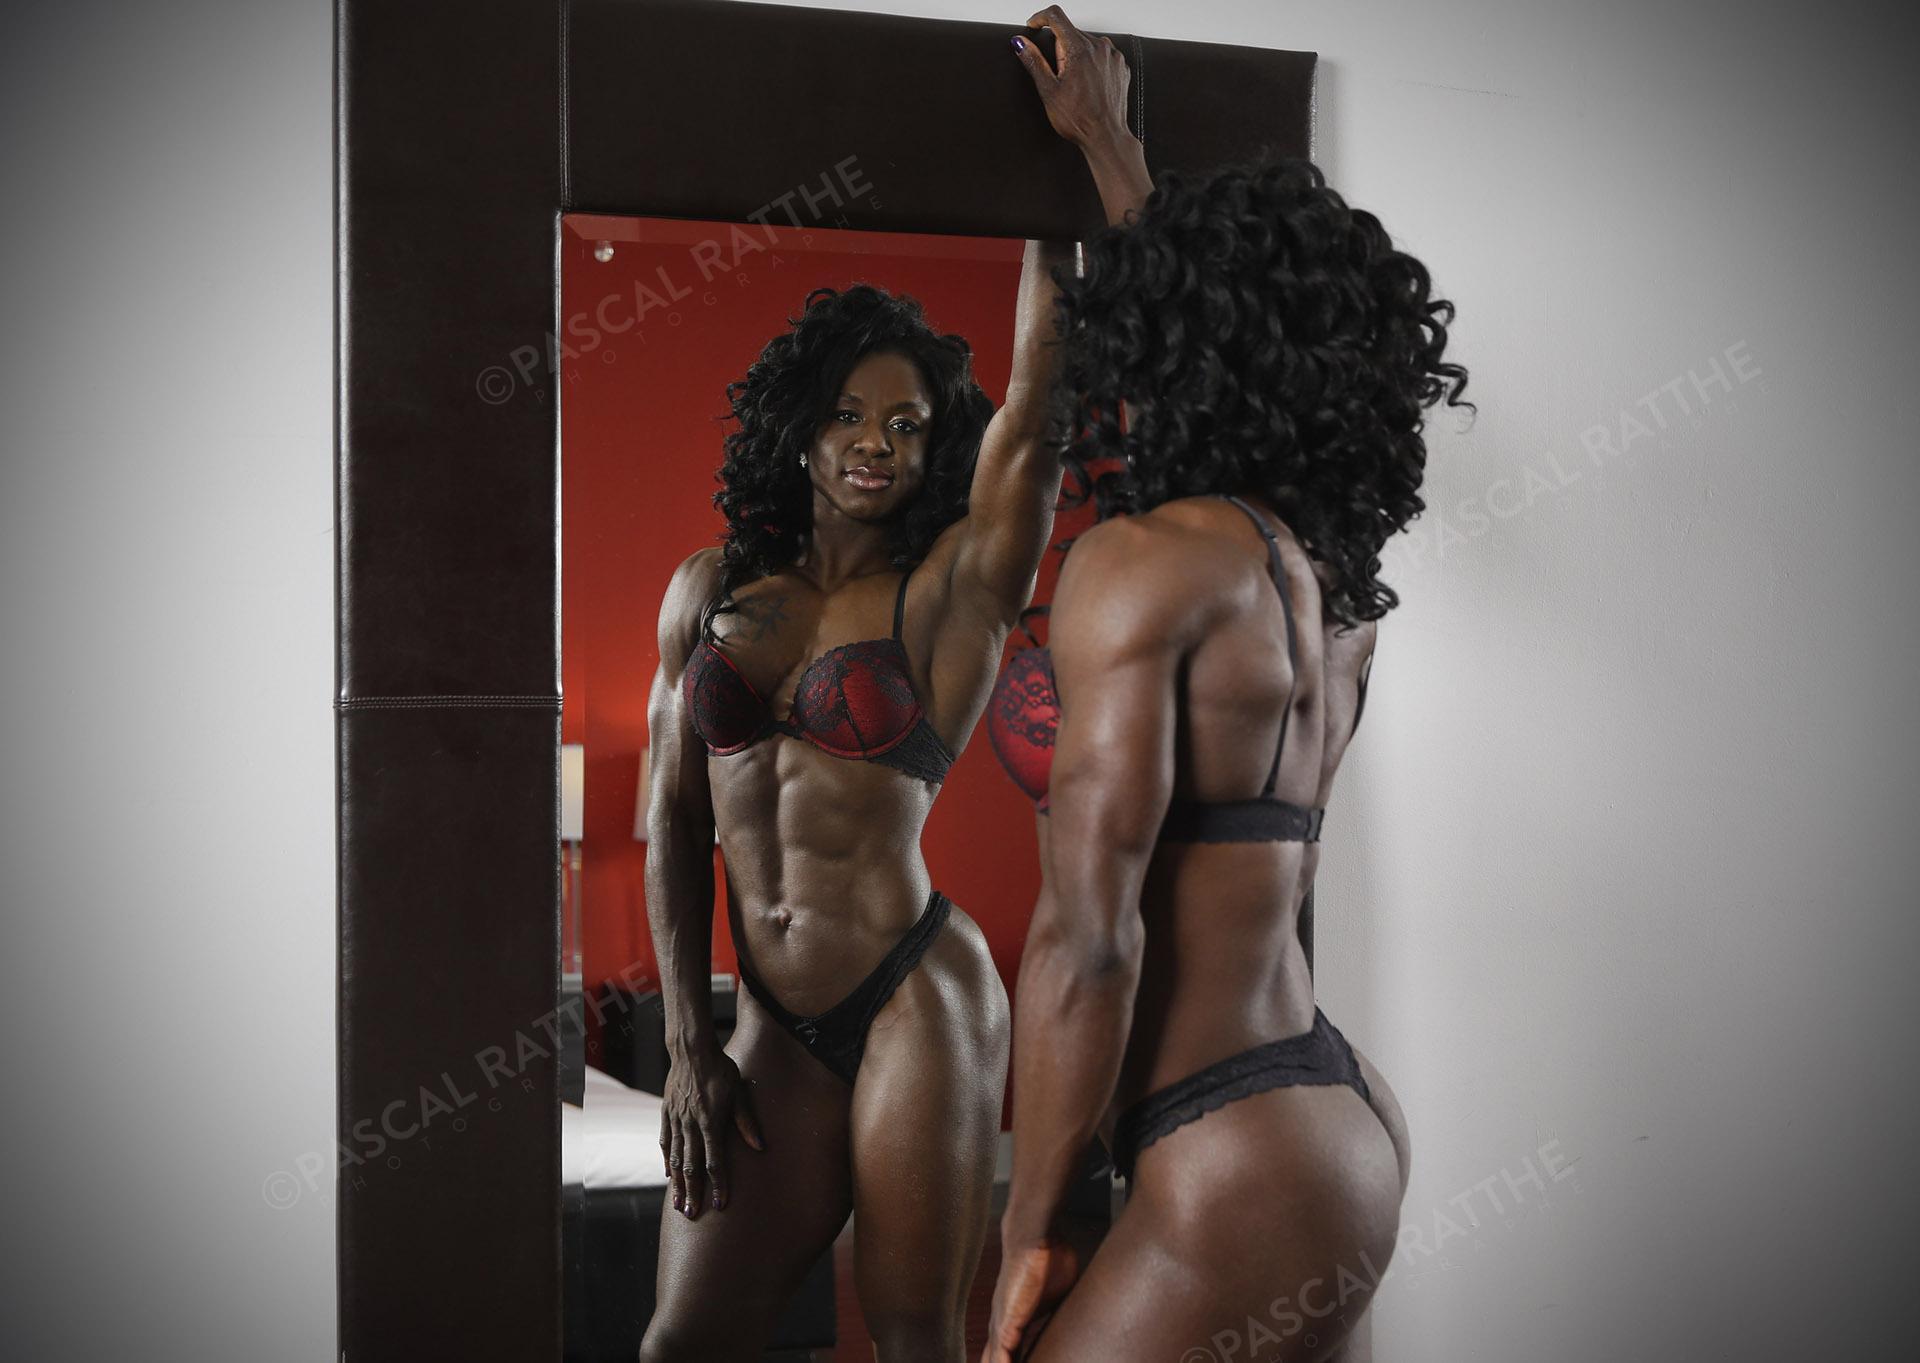 photoshoot scéance photo d'une femme noir sexy et en forme Luchida Michel